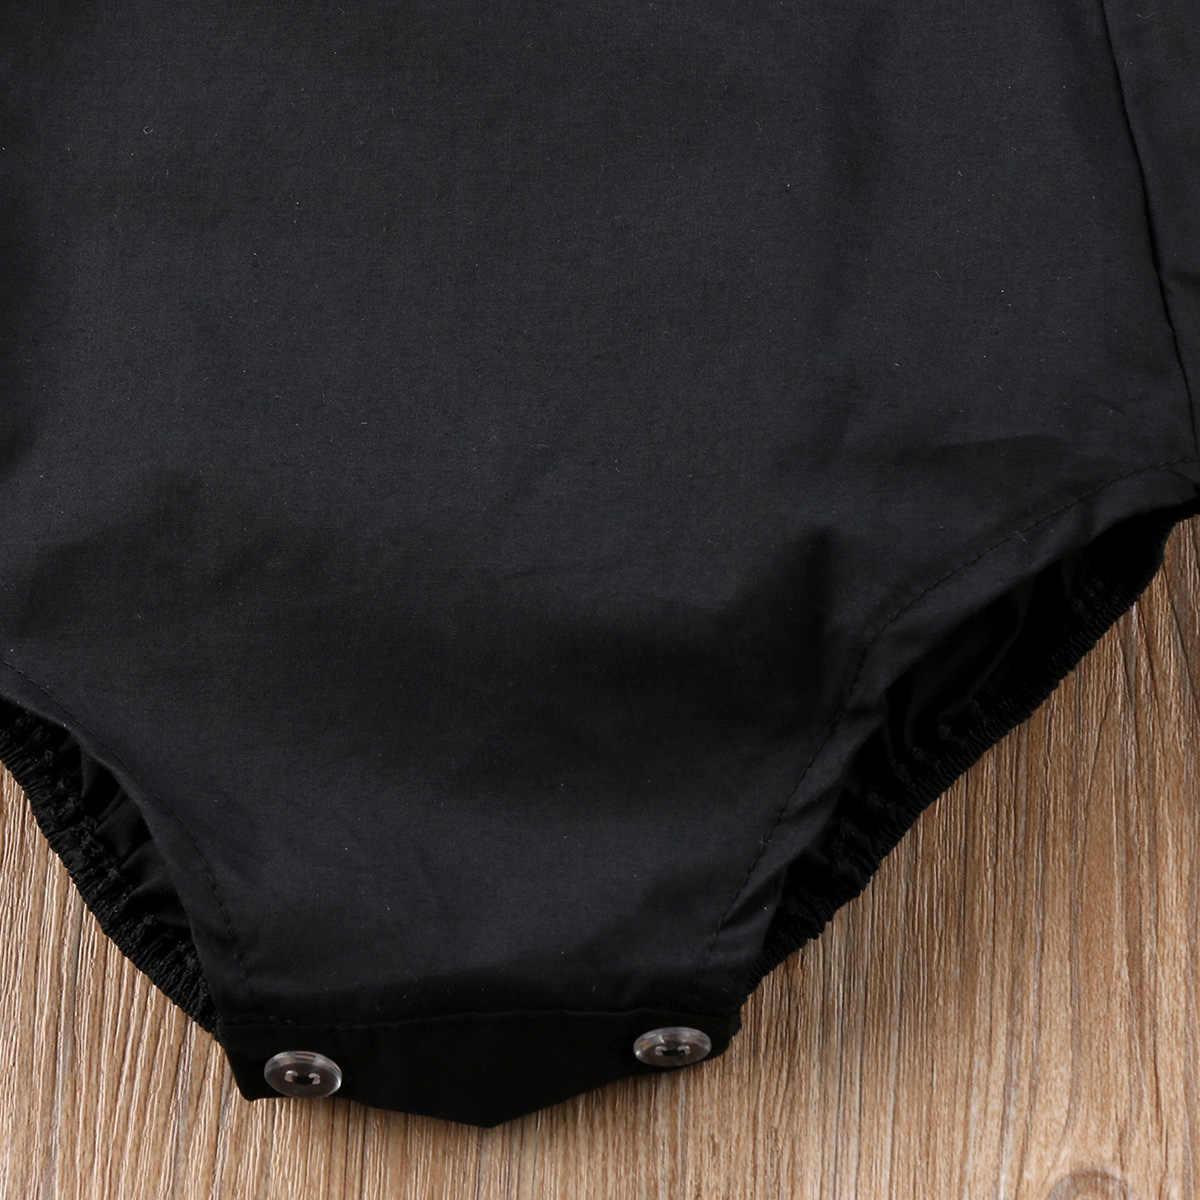 2018 г. Лидер продаж, модная летняя блузка на бретелях для новорожденных девочек, черный однотонный милый боди с открытой спиной для детей от 0 до 18 месяцев